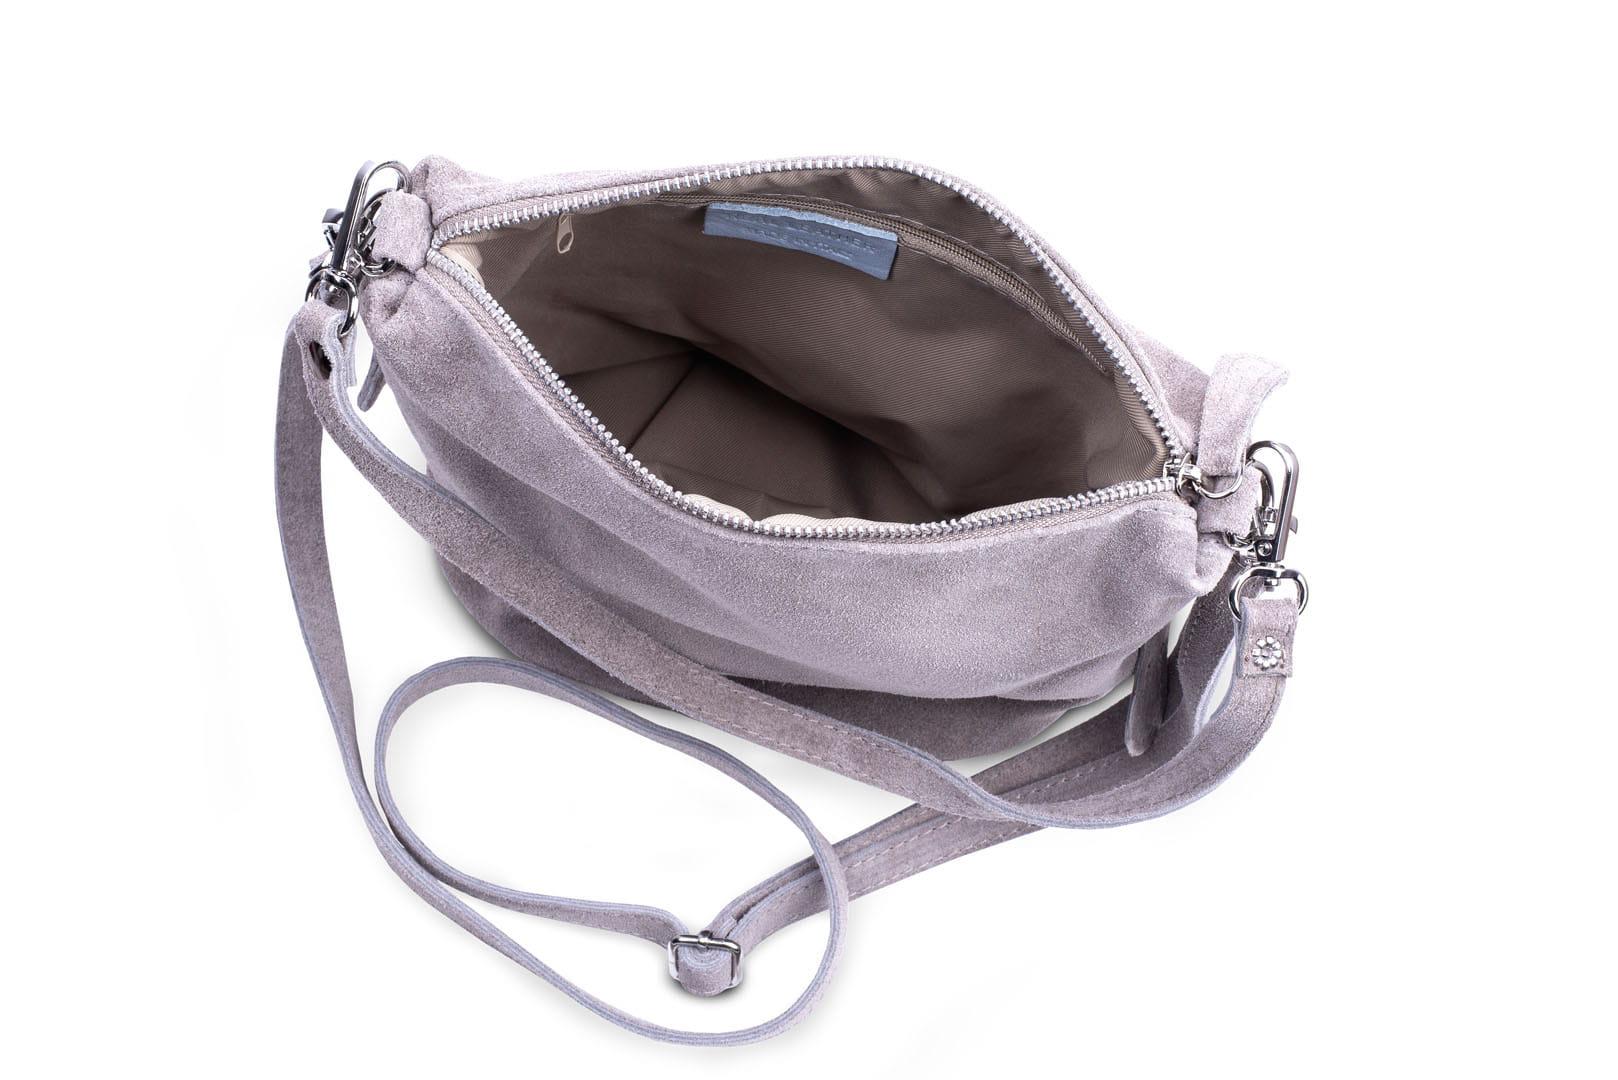 e88220d22ff11 Torebka Damska Listonoszka Skórzana Vera Pelle Beżowa Leather Box